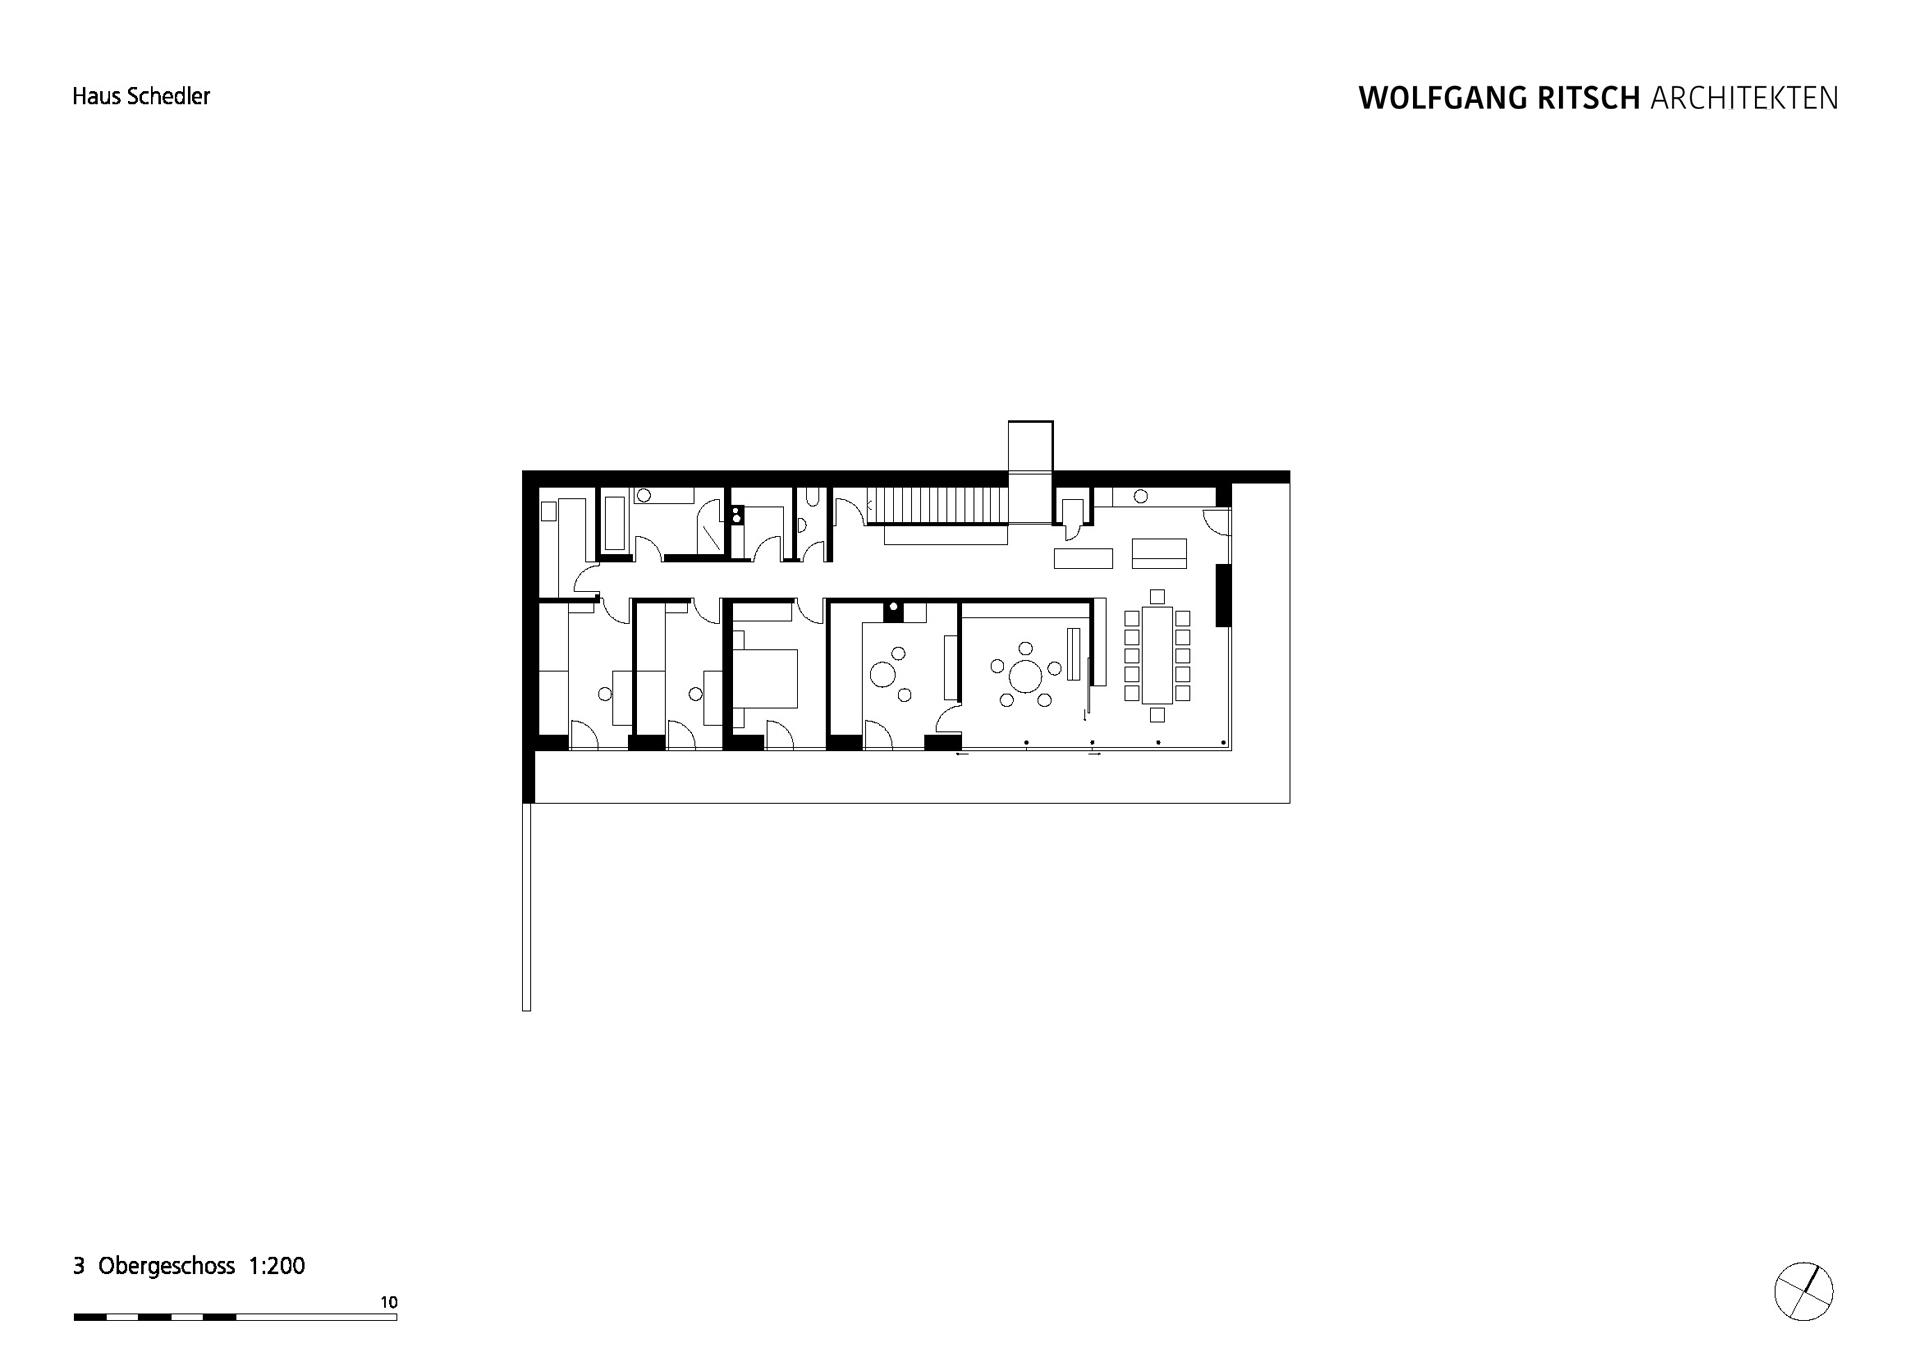 2500_EFH Haus Schedler_PLAN_903_Obergeschoss 200 Kopie